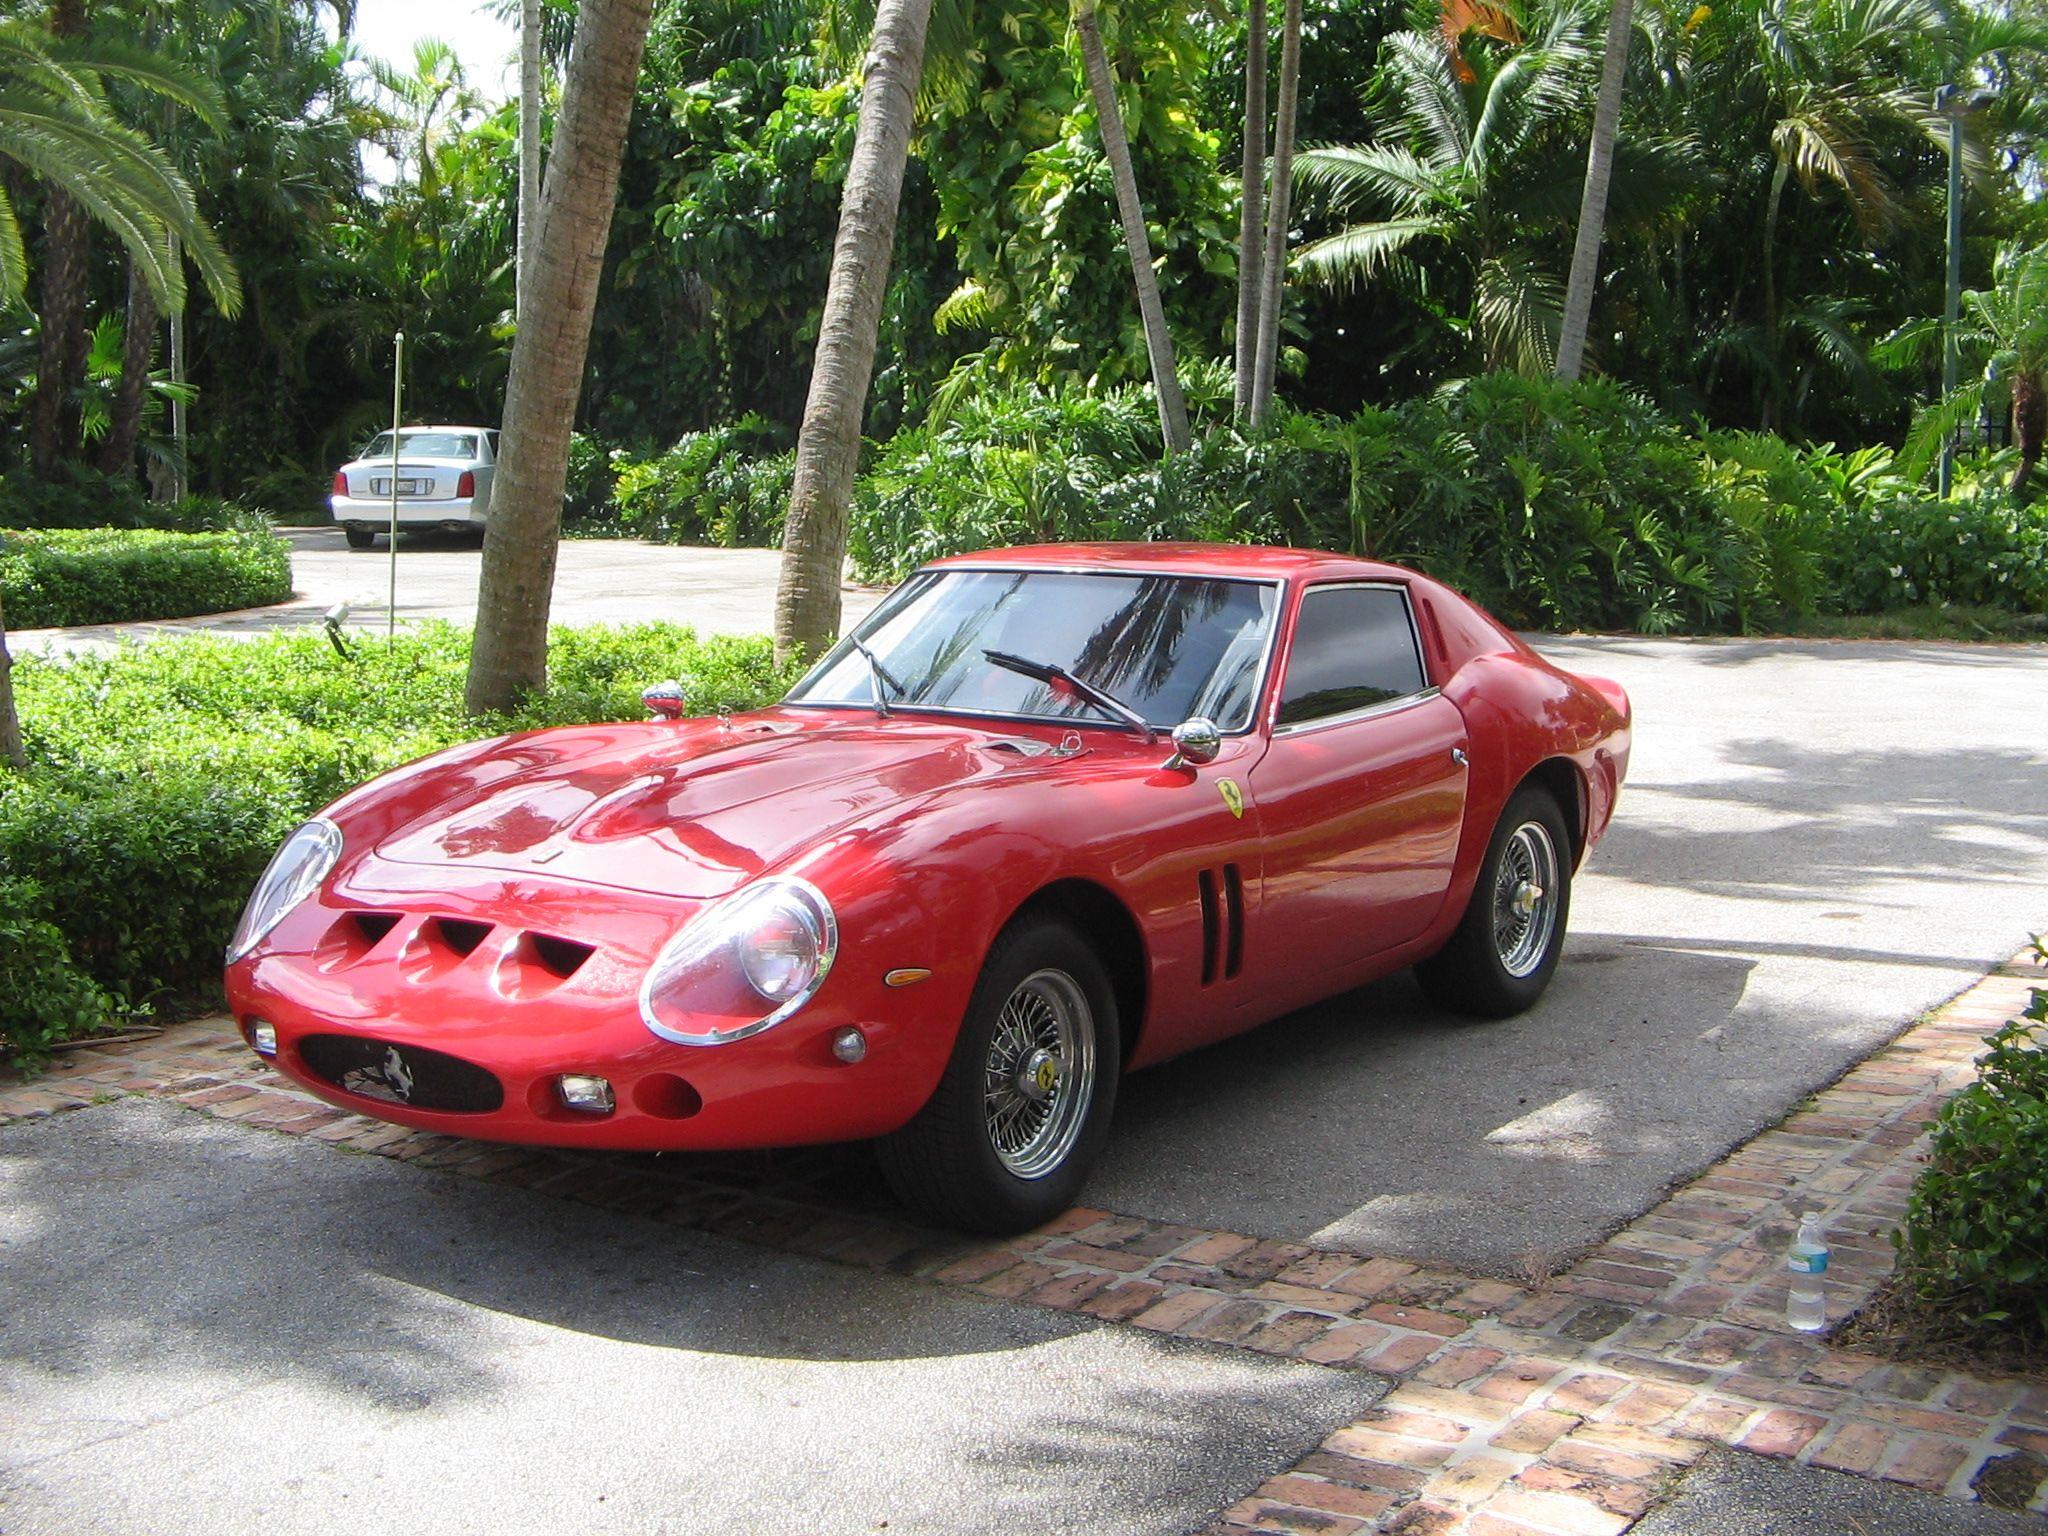 Ferrari 250 Gto Replica For Sale With Images Ferrari Replica